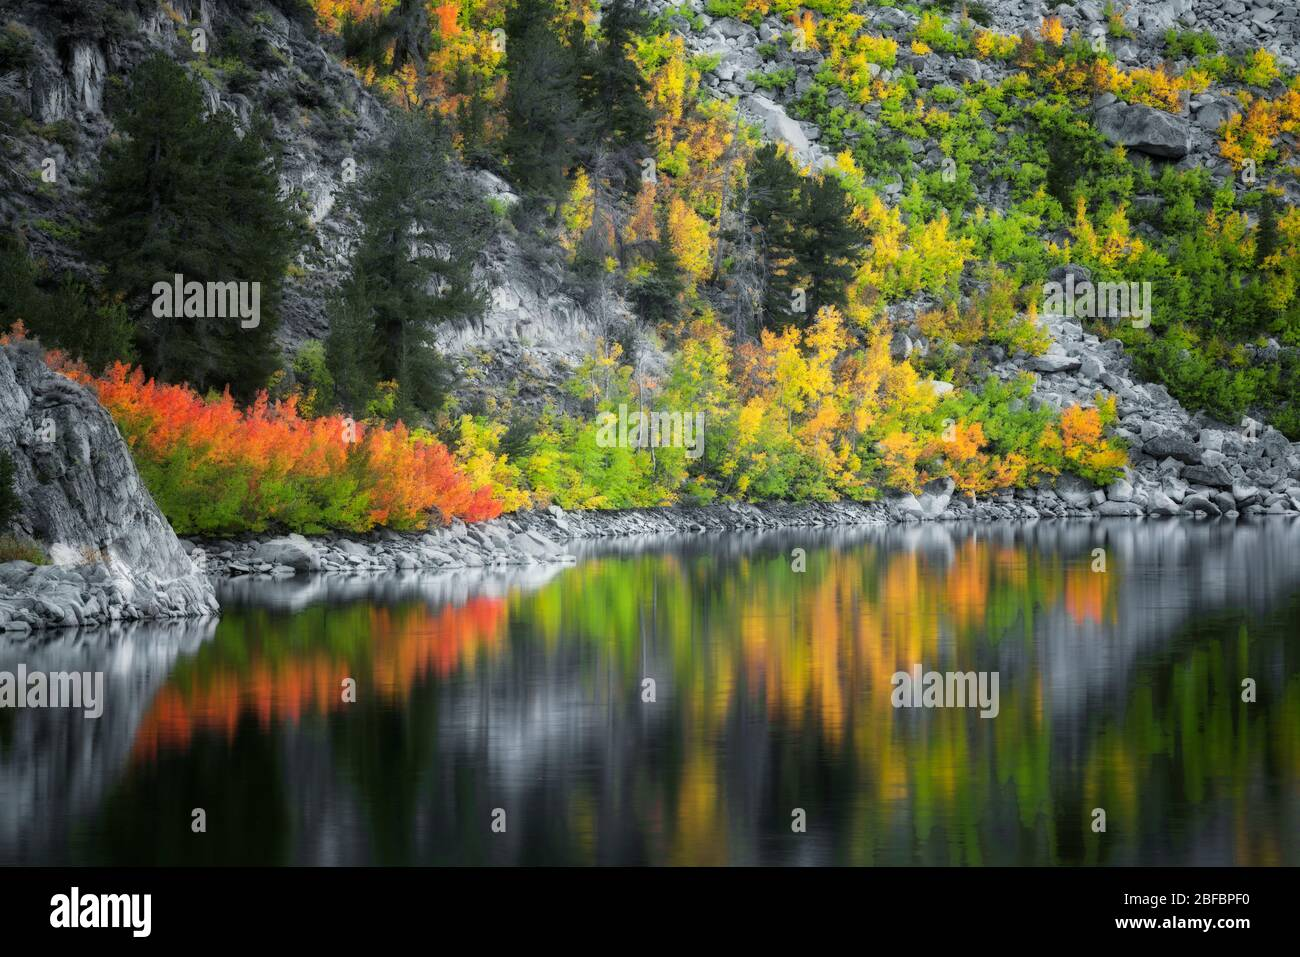 La lueur du crépuscule civil des couleurs d'automne qui s'est rebutée dans le lac Sabrina, entre la chaîne de montagnes de la Sierra orientale de Californie et la forêt nationale d'Inyo. Banque D'Images